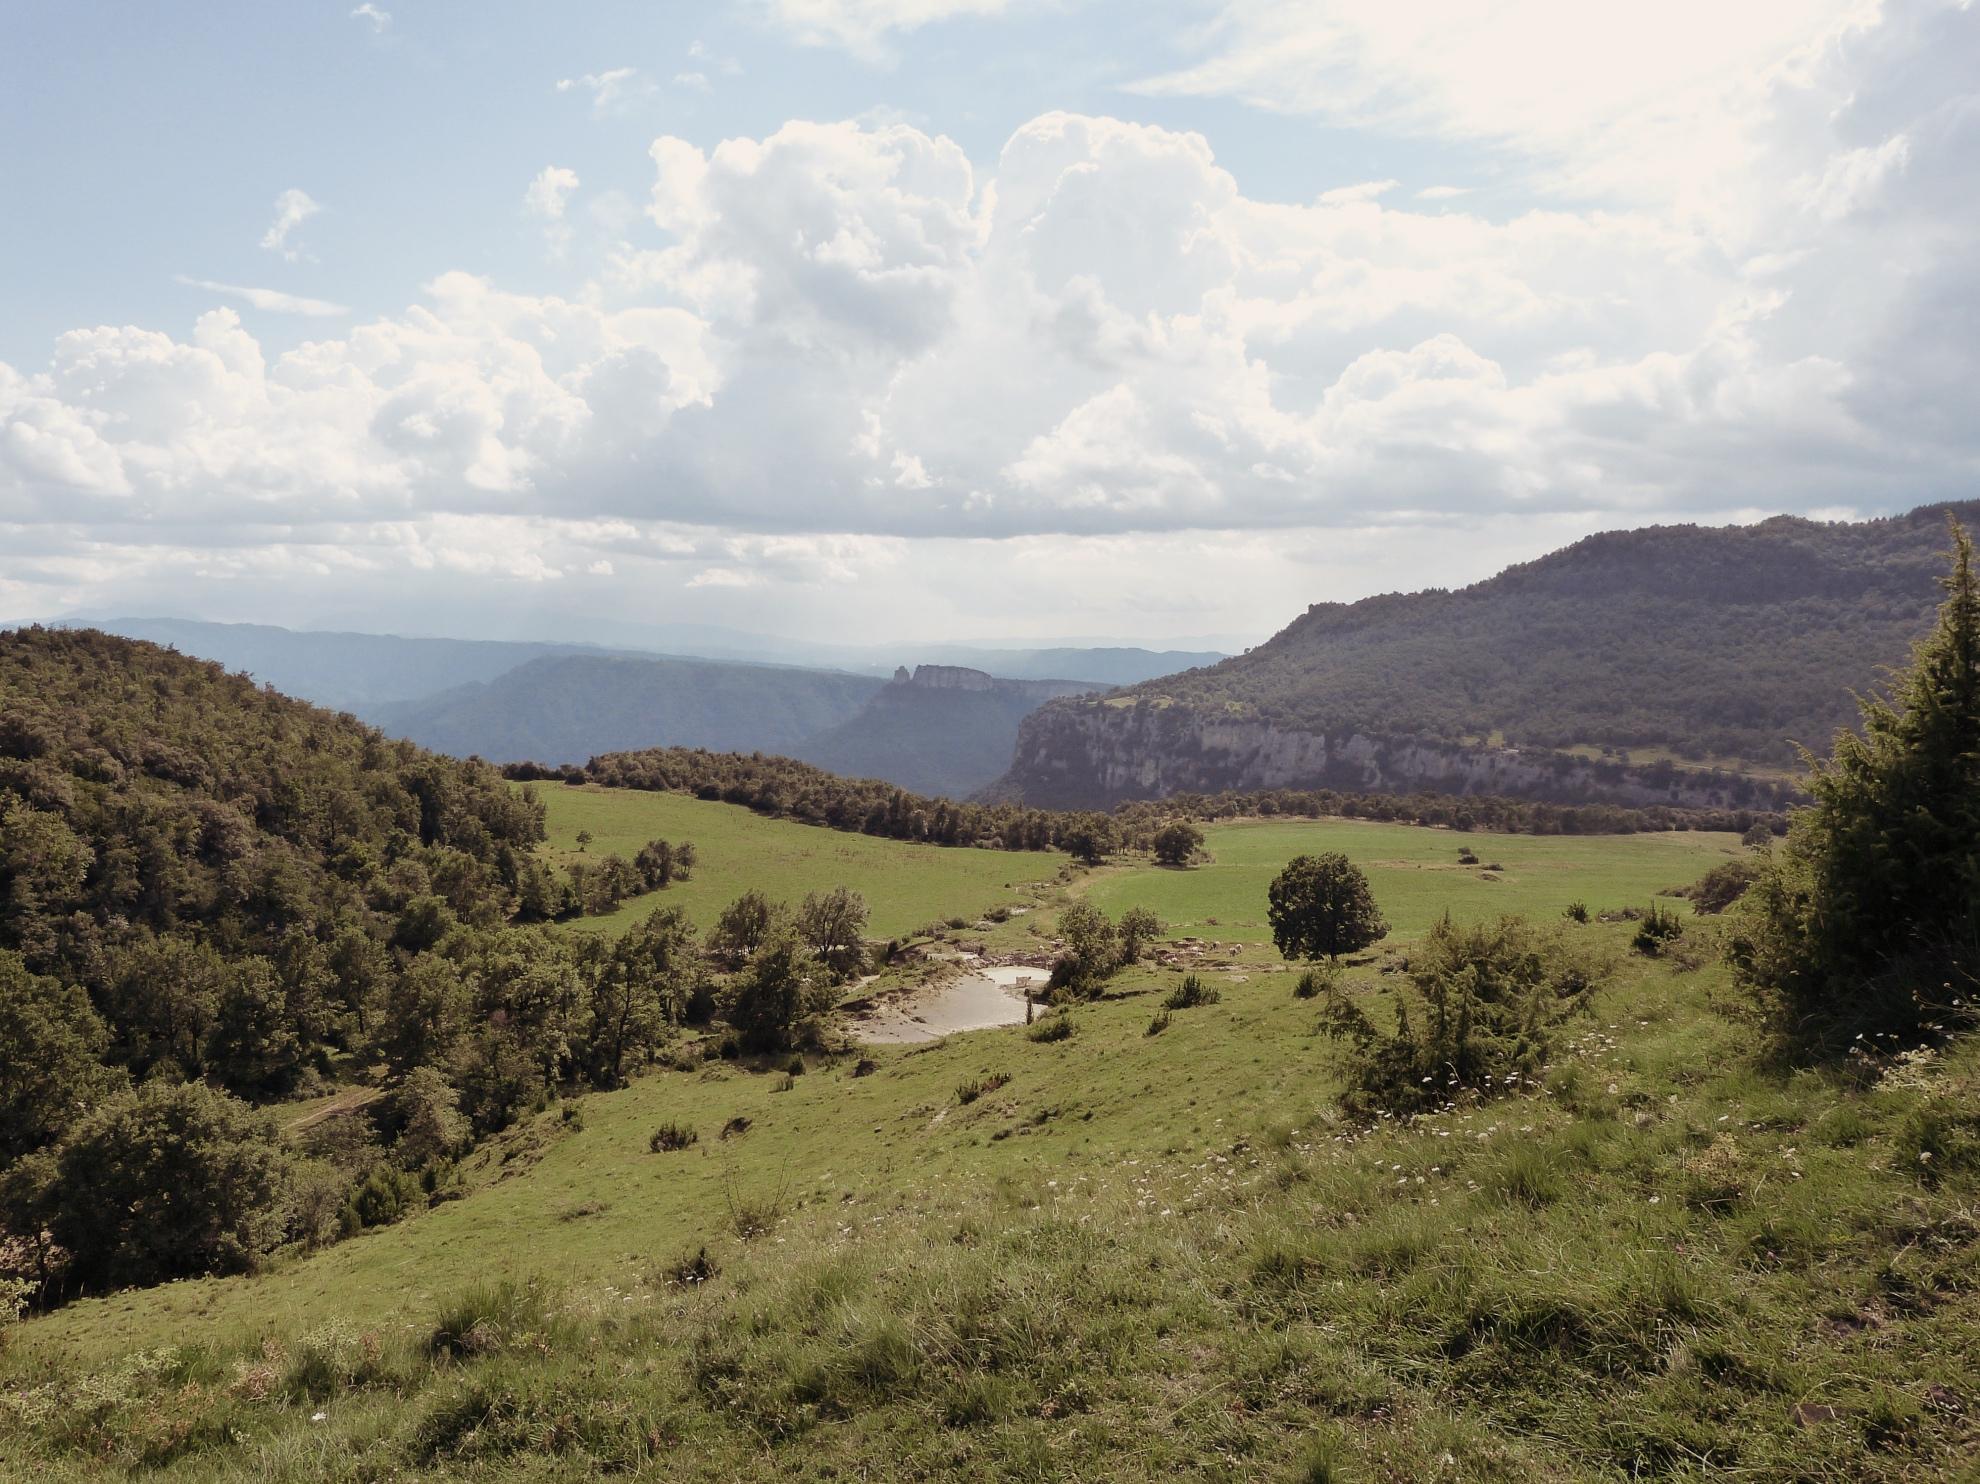 Landschaftsbild im Norden Kataloniens